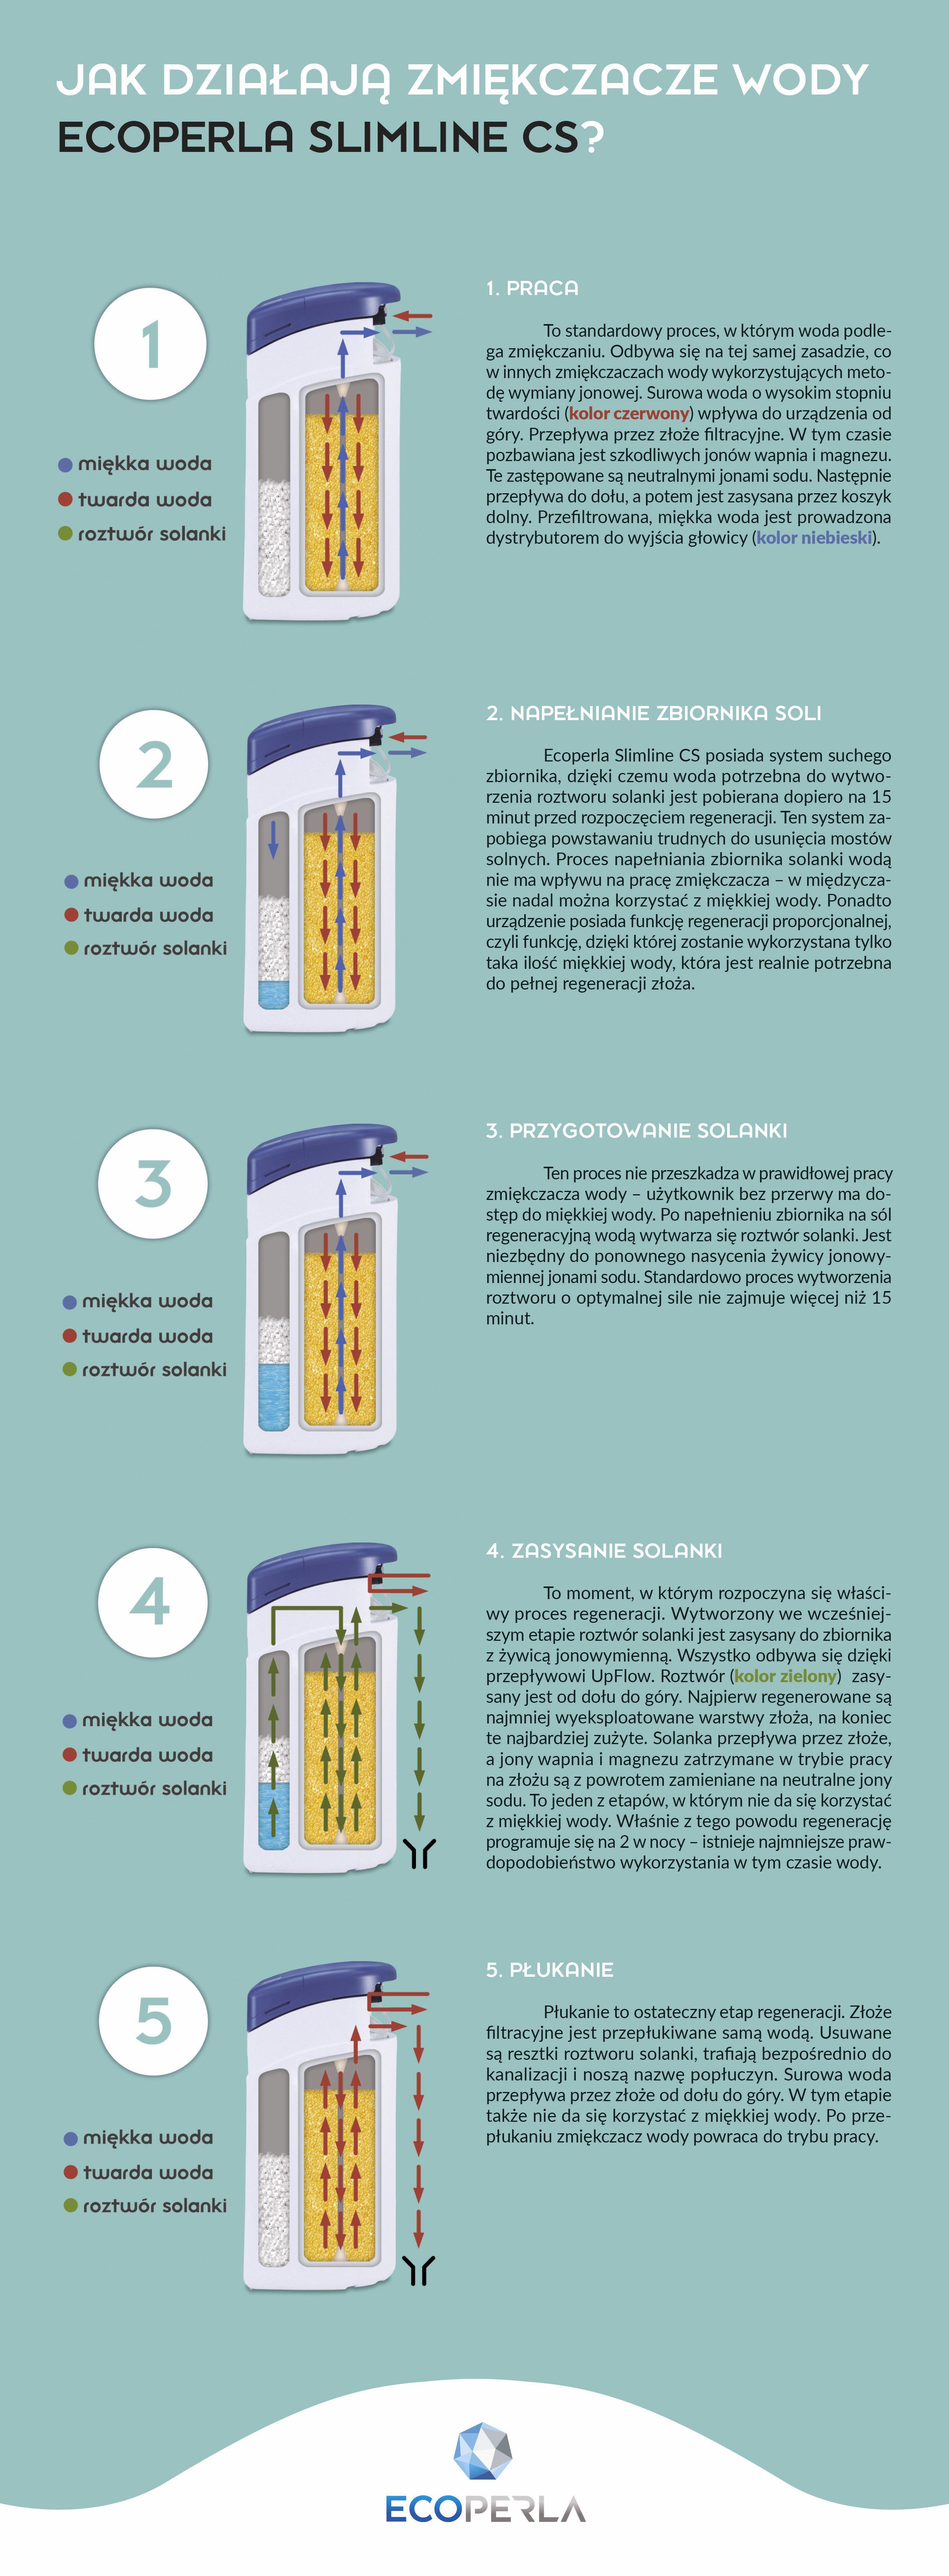 działanie zmiękczacza wody Ecoperla Slimline CS